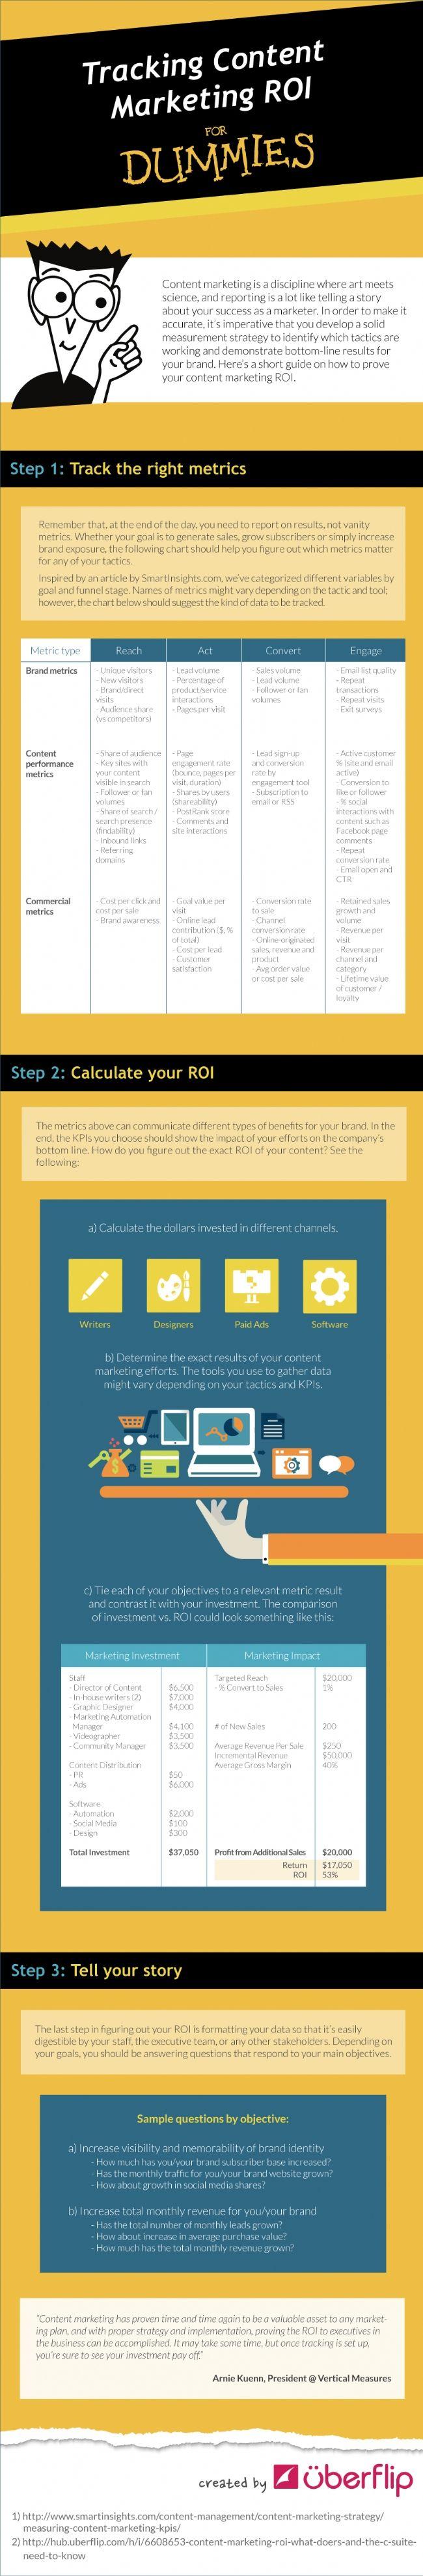 Un po' di consigli sulla misurazione del successo delle attività di Web Marketing.